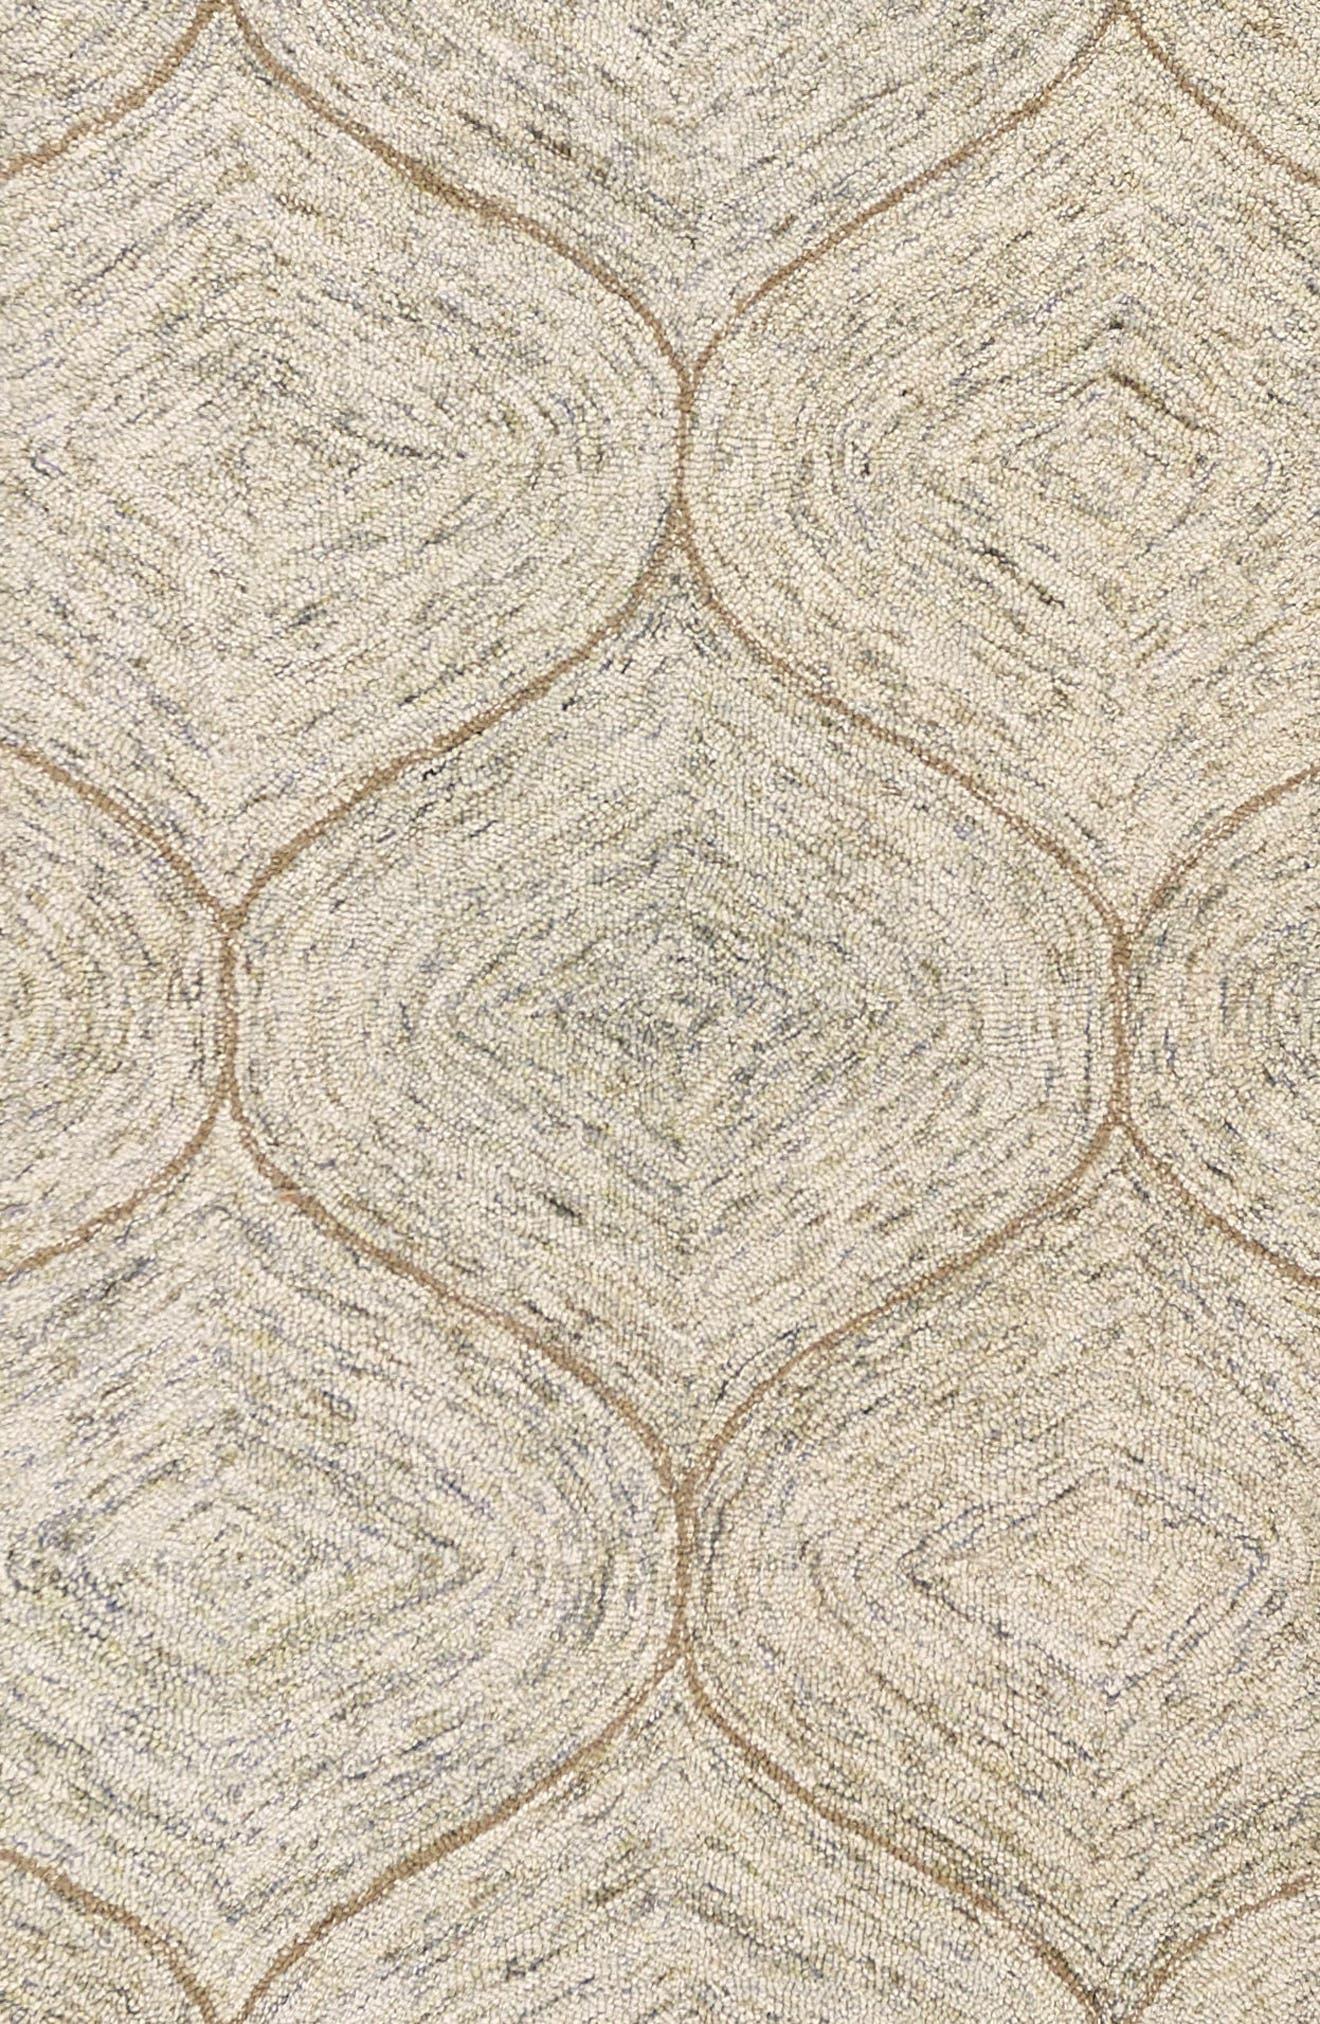 Irregular Diamond Hand Tufted Wool Area Rug,                             Alternate thumbnail 3, color,                             200